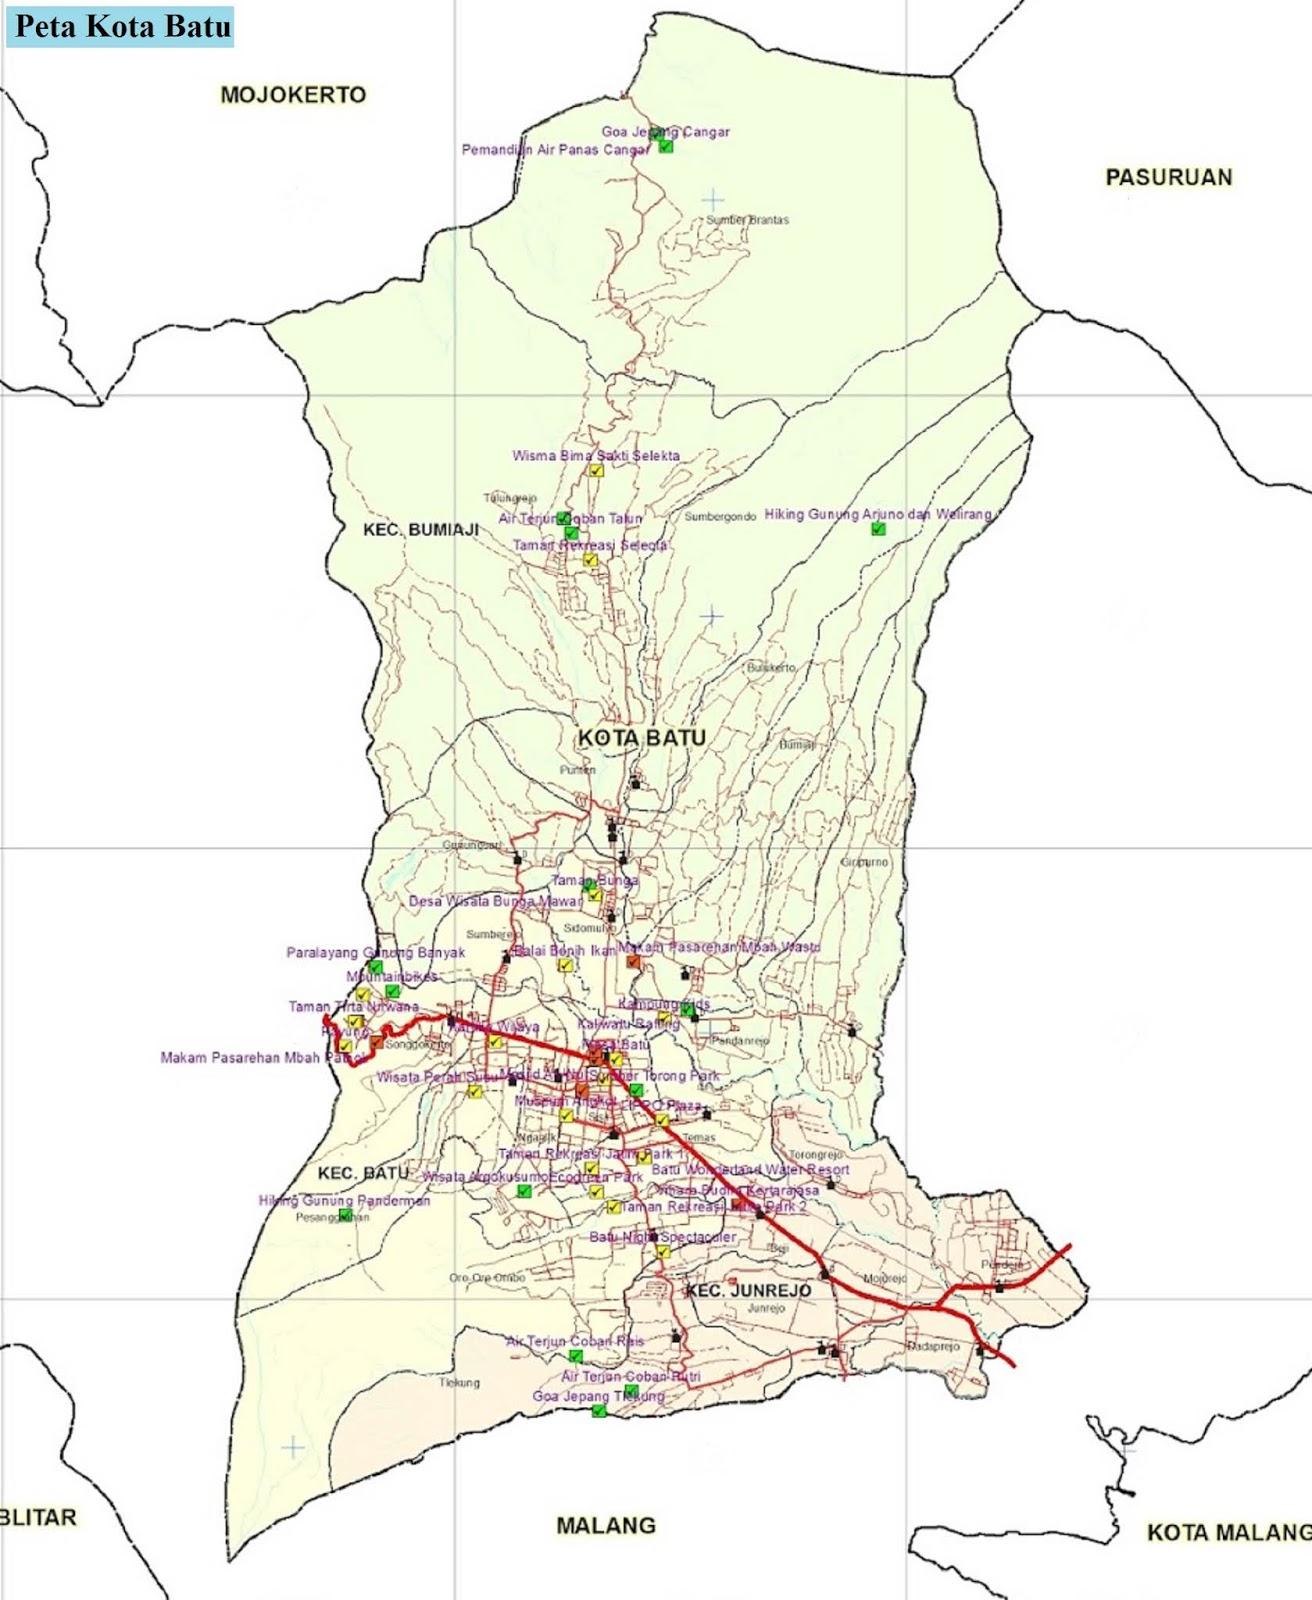 Peta Kota Batu HD